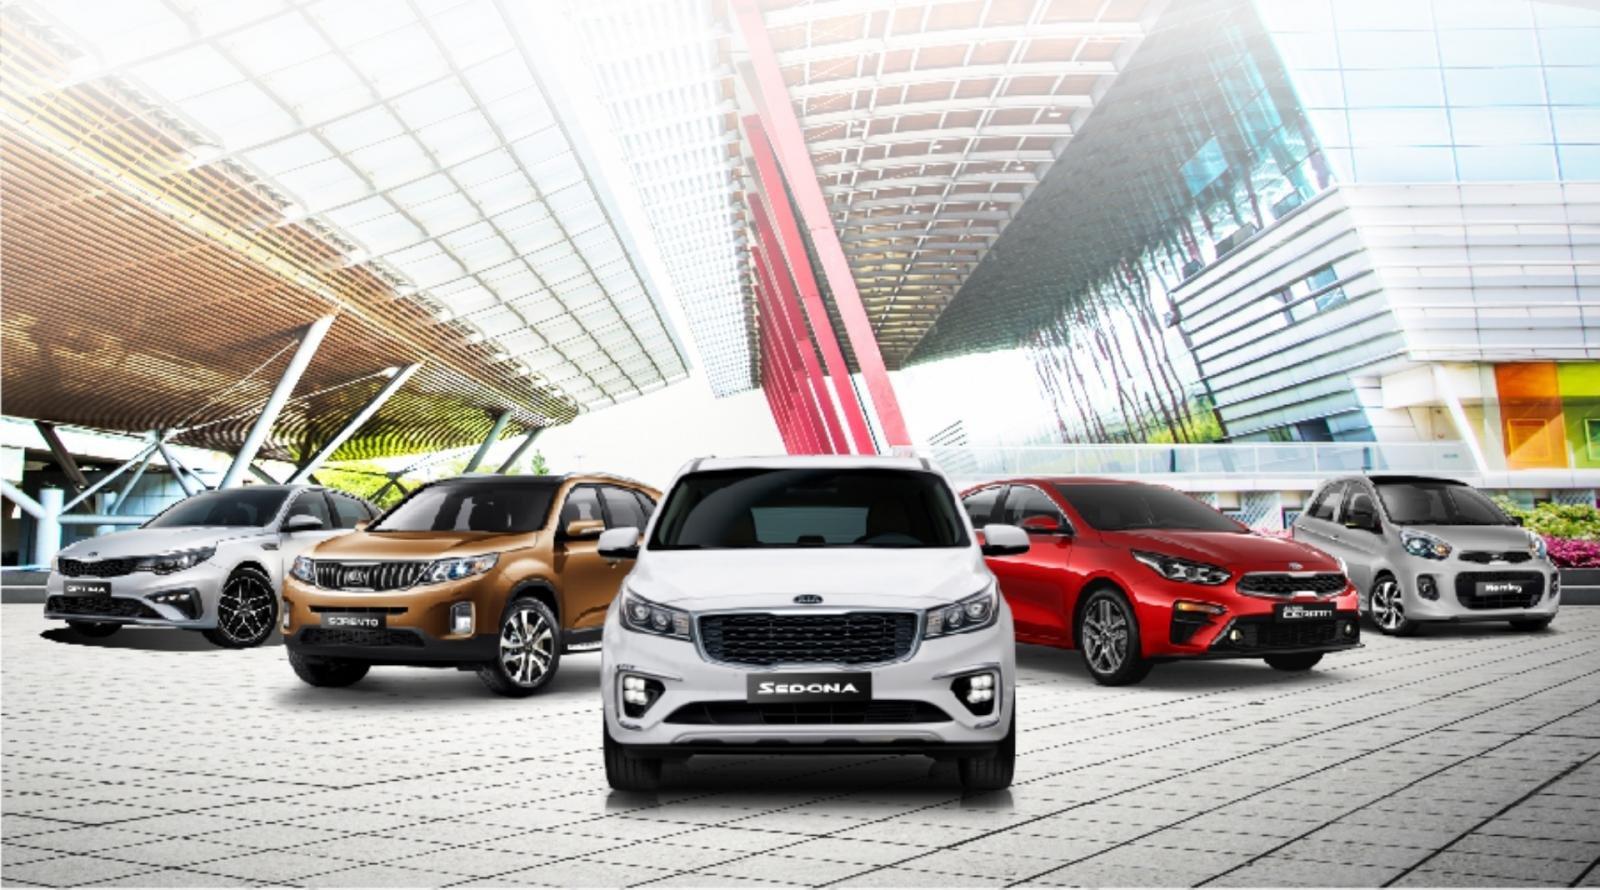 Cập nhật lãi suất vay mua xe Kia - Ưu đãi tết 2020 1a